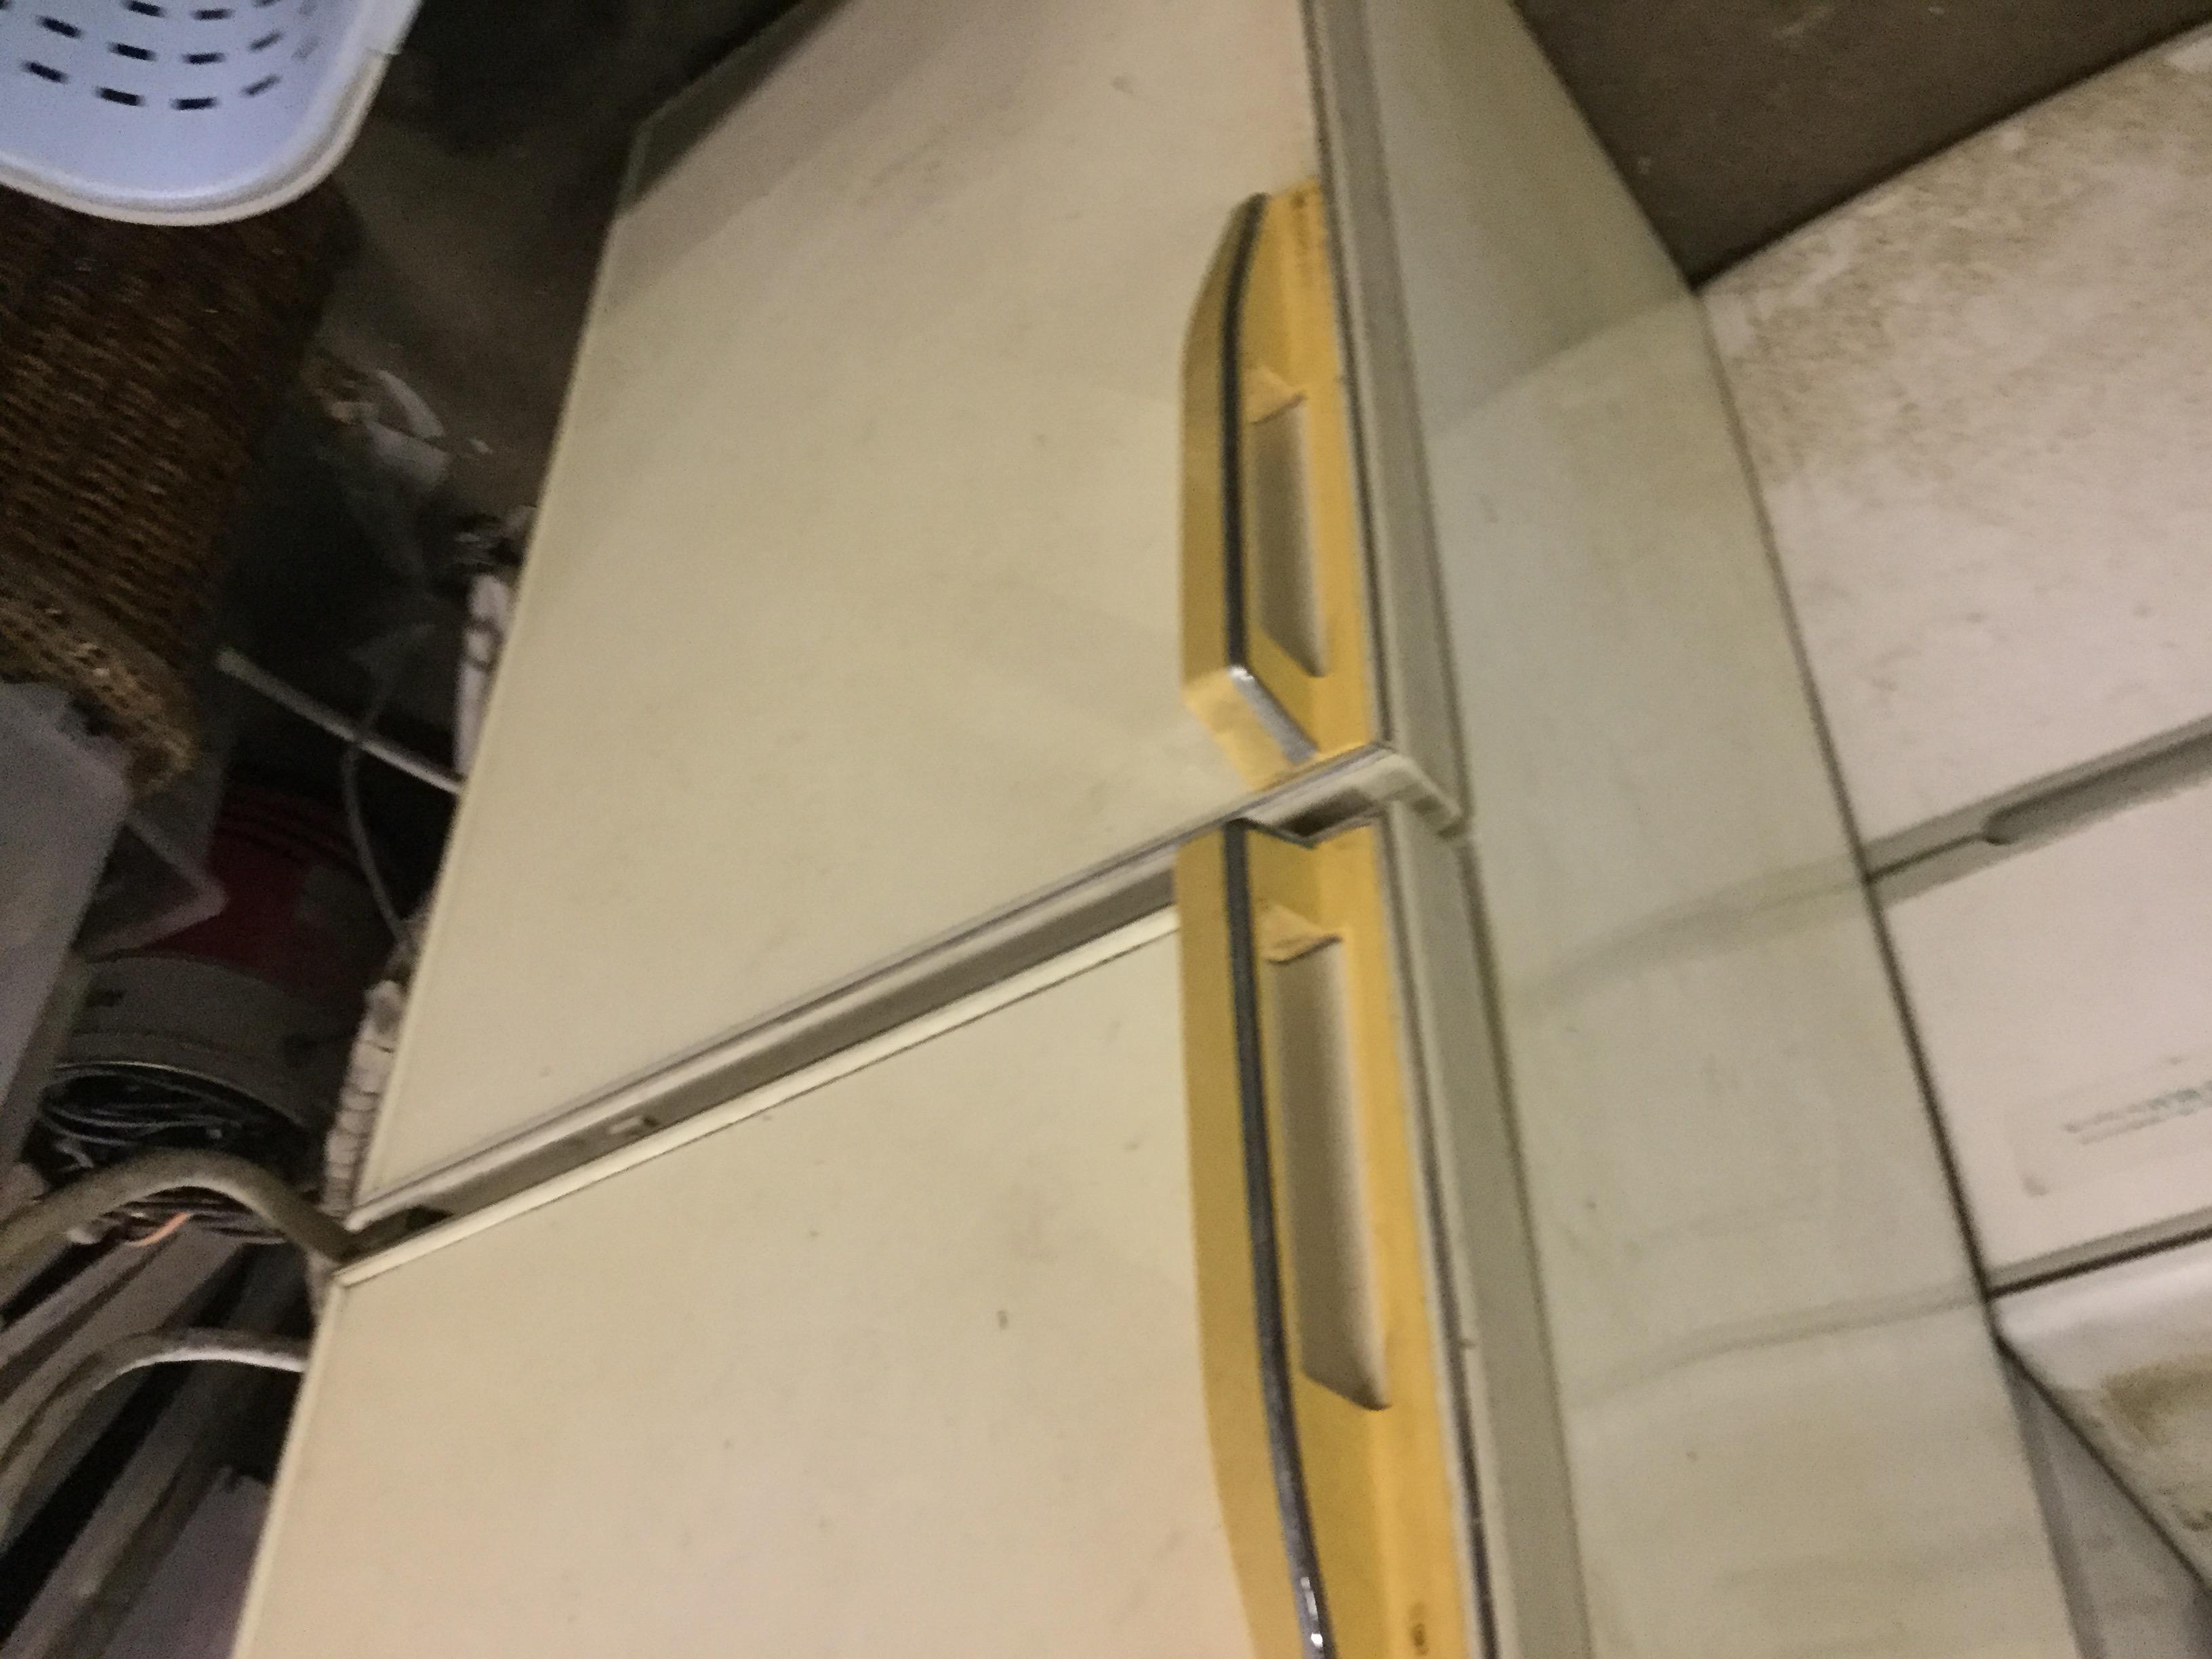 福山市奈良津町付近で回収した冷蔵庫